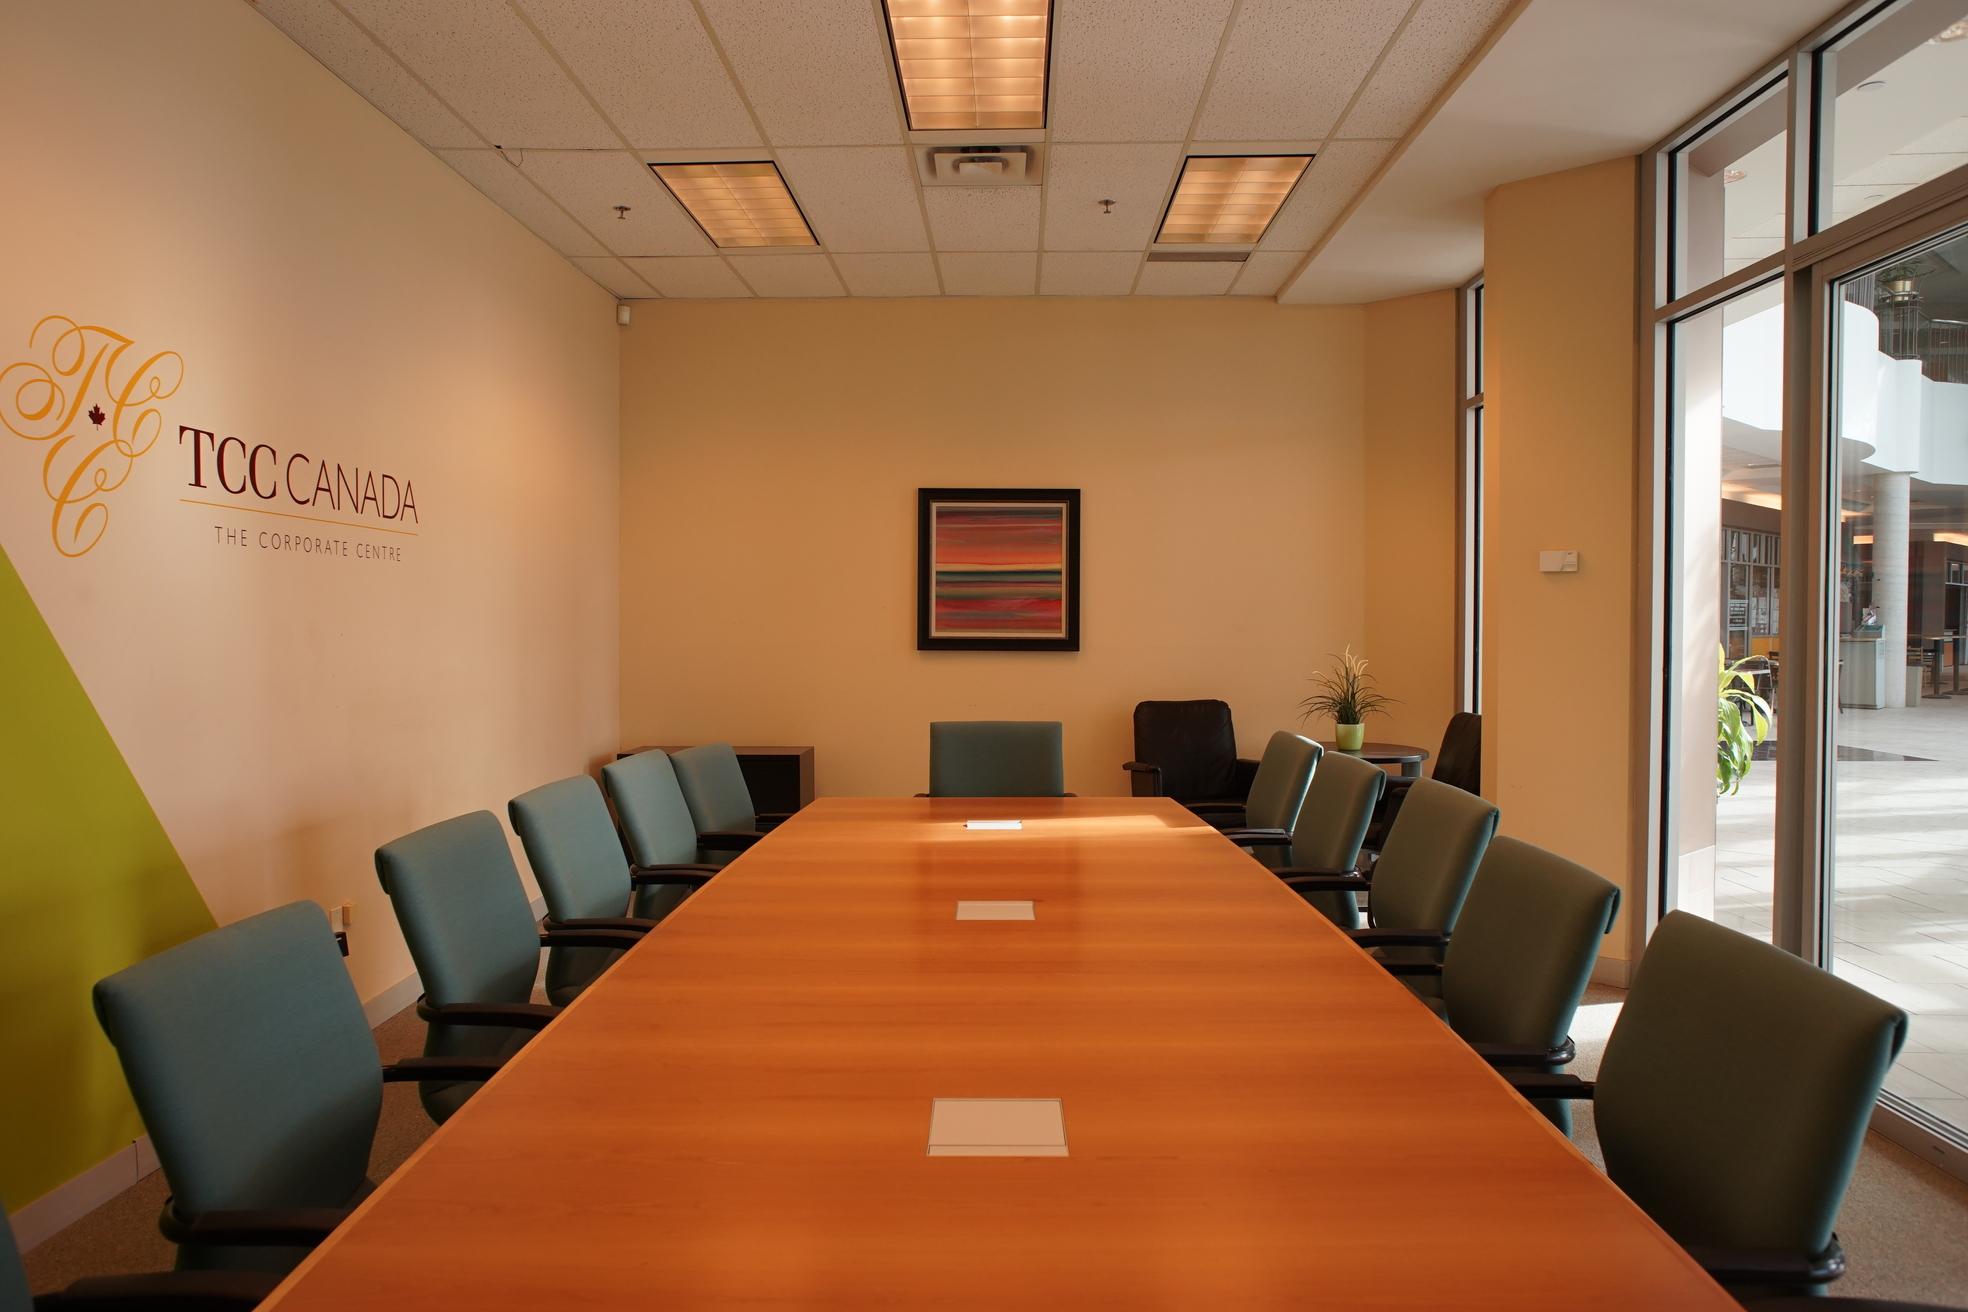 Astuces pour une rencontre d'affaires productive